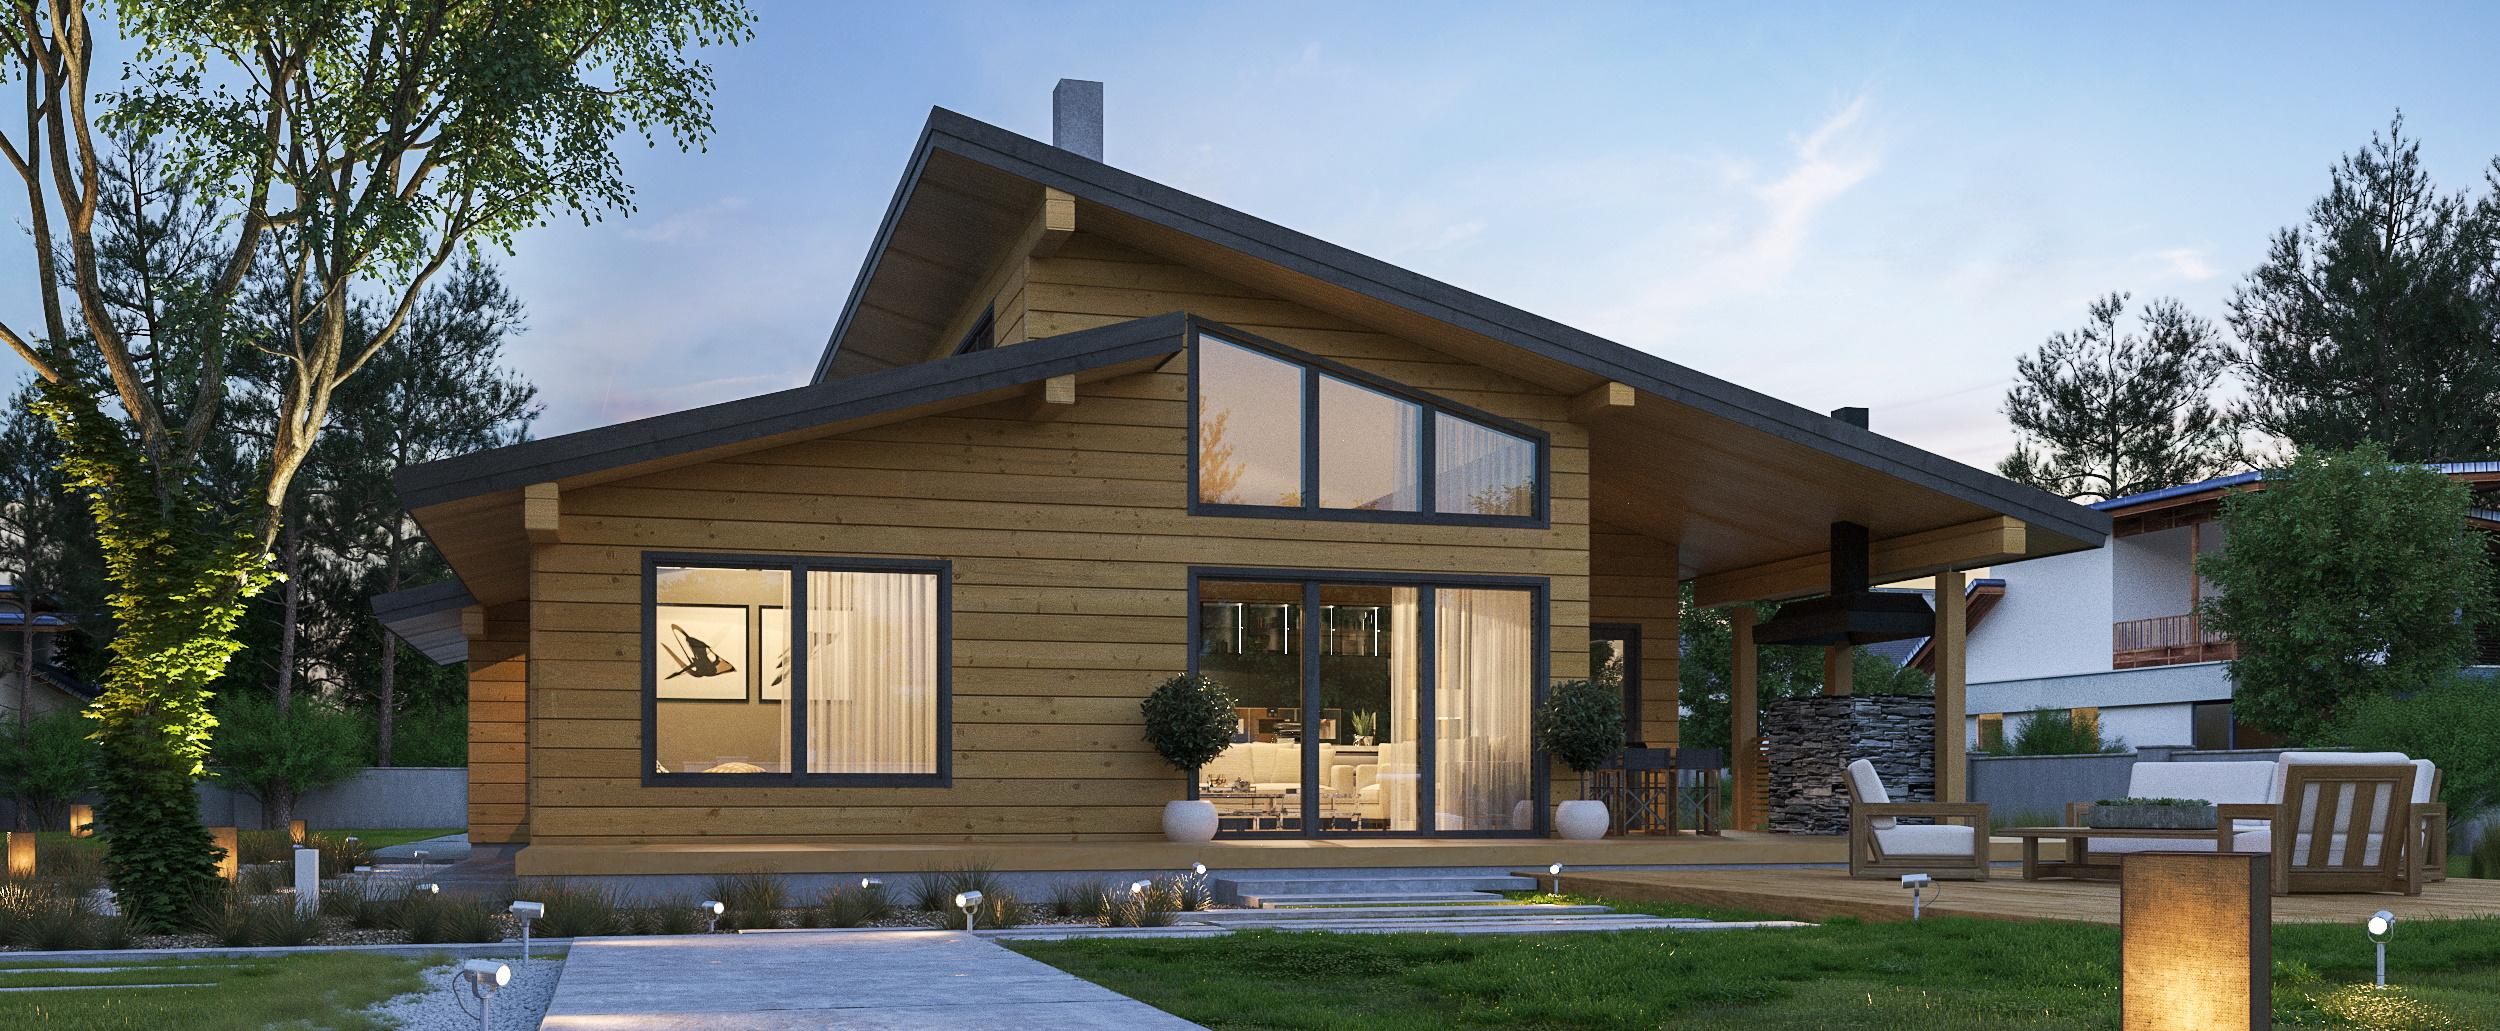 100 Fantastique Idées Constructeur Maison En Bois Bourgogne